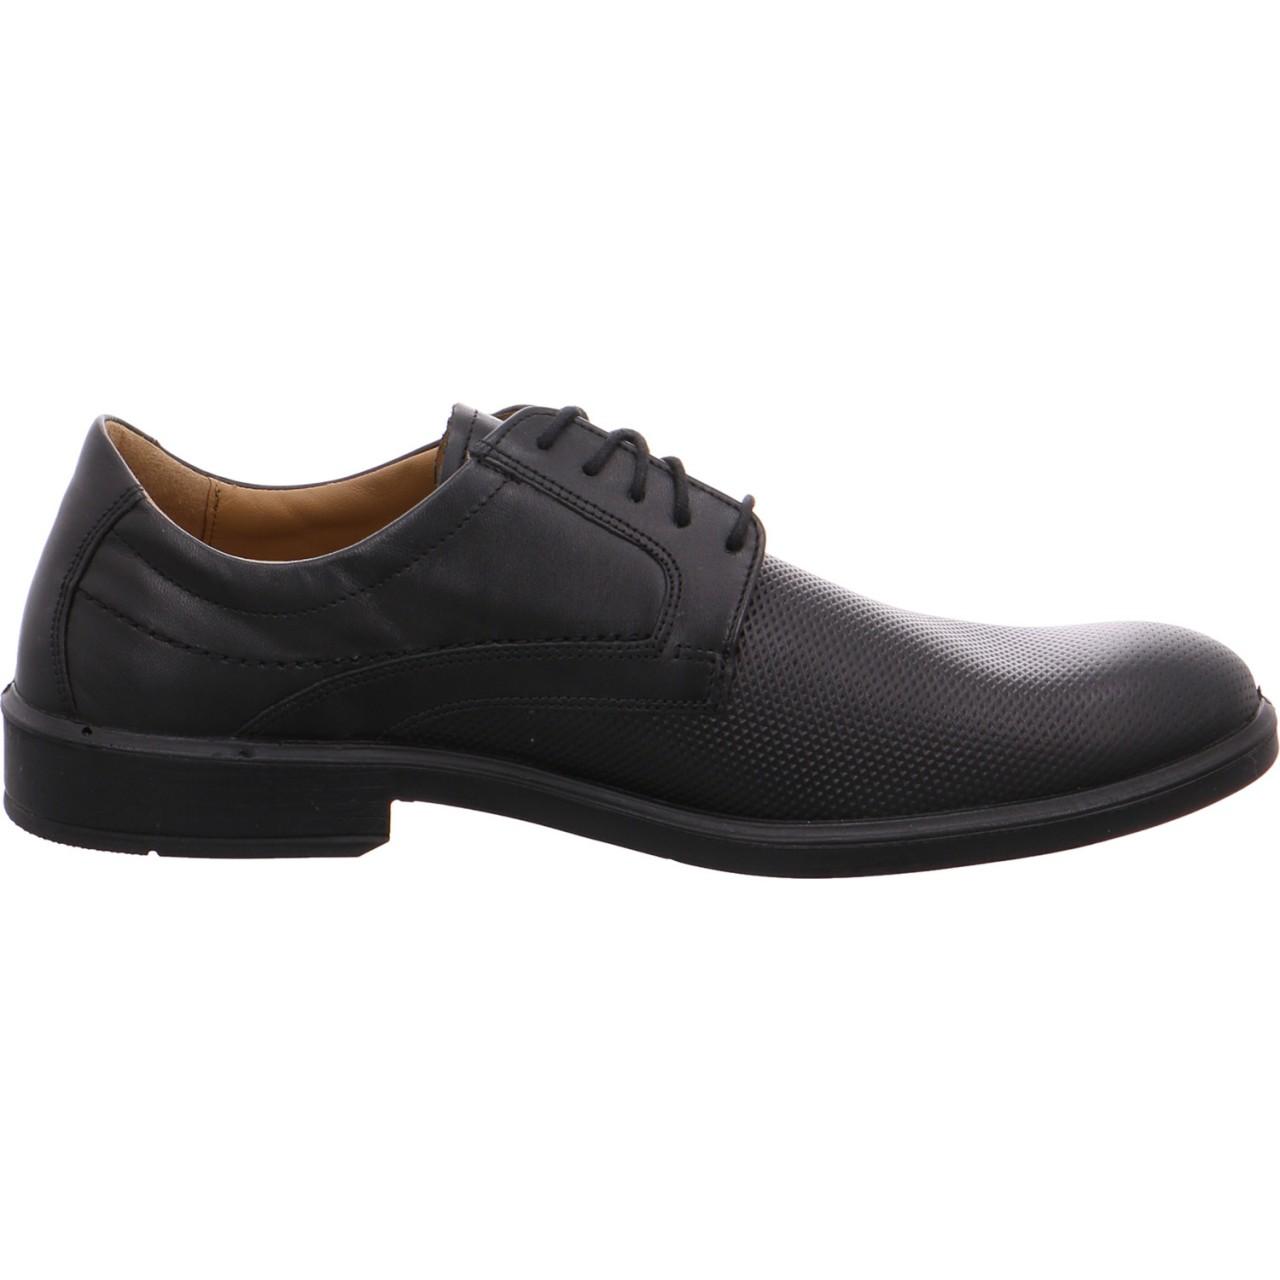 Business Jomos schwarz Jomos Schuhe Business schwarz zaavqwgx1